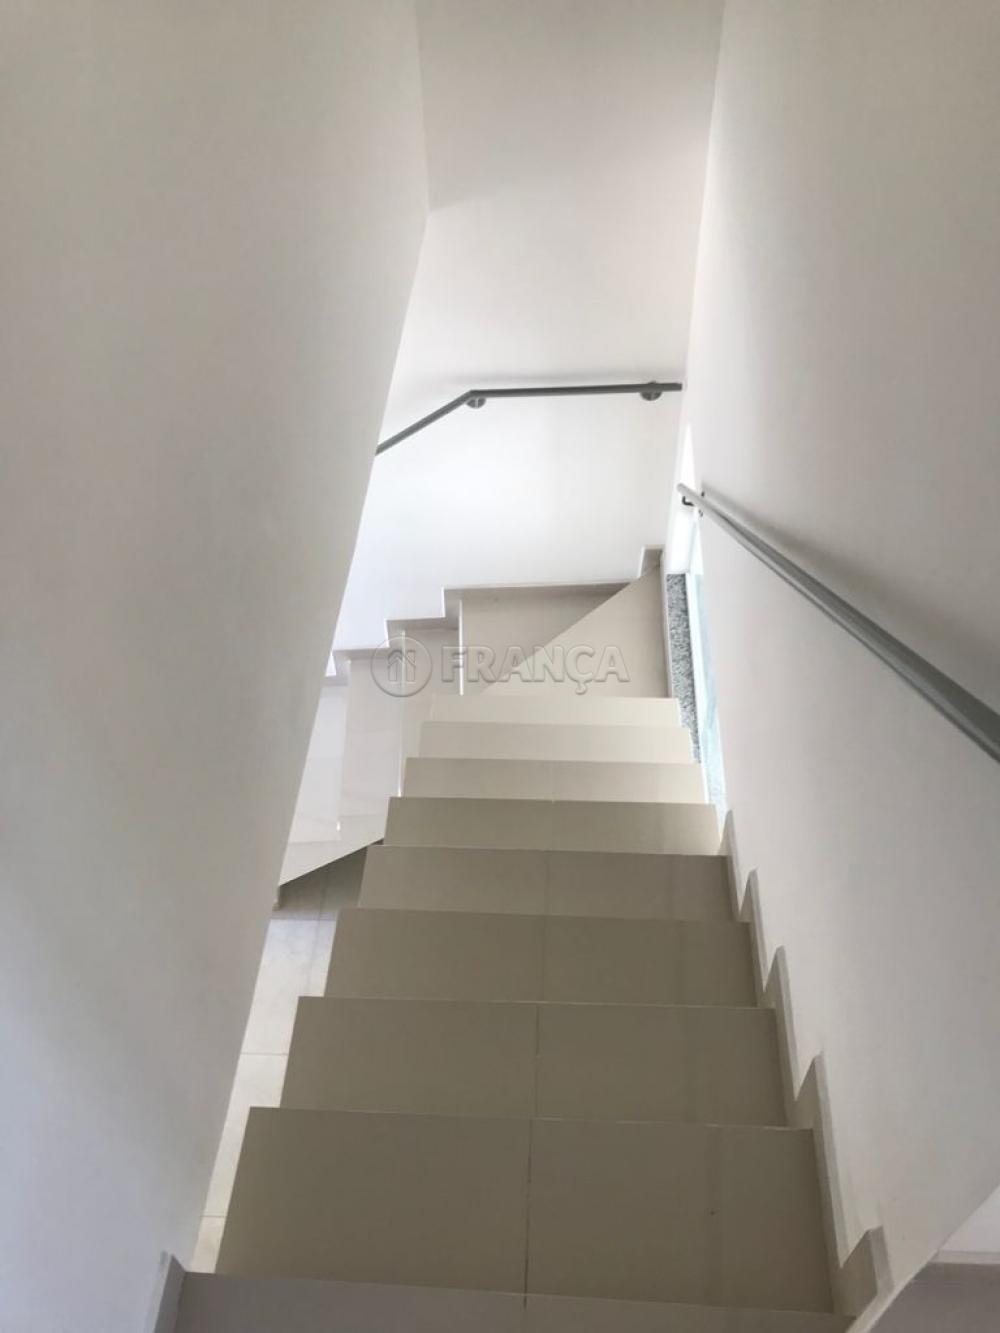 Comprar Casa / Padrão em Jacareí R$ 240.000,00 - Foto 6